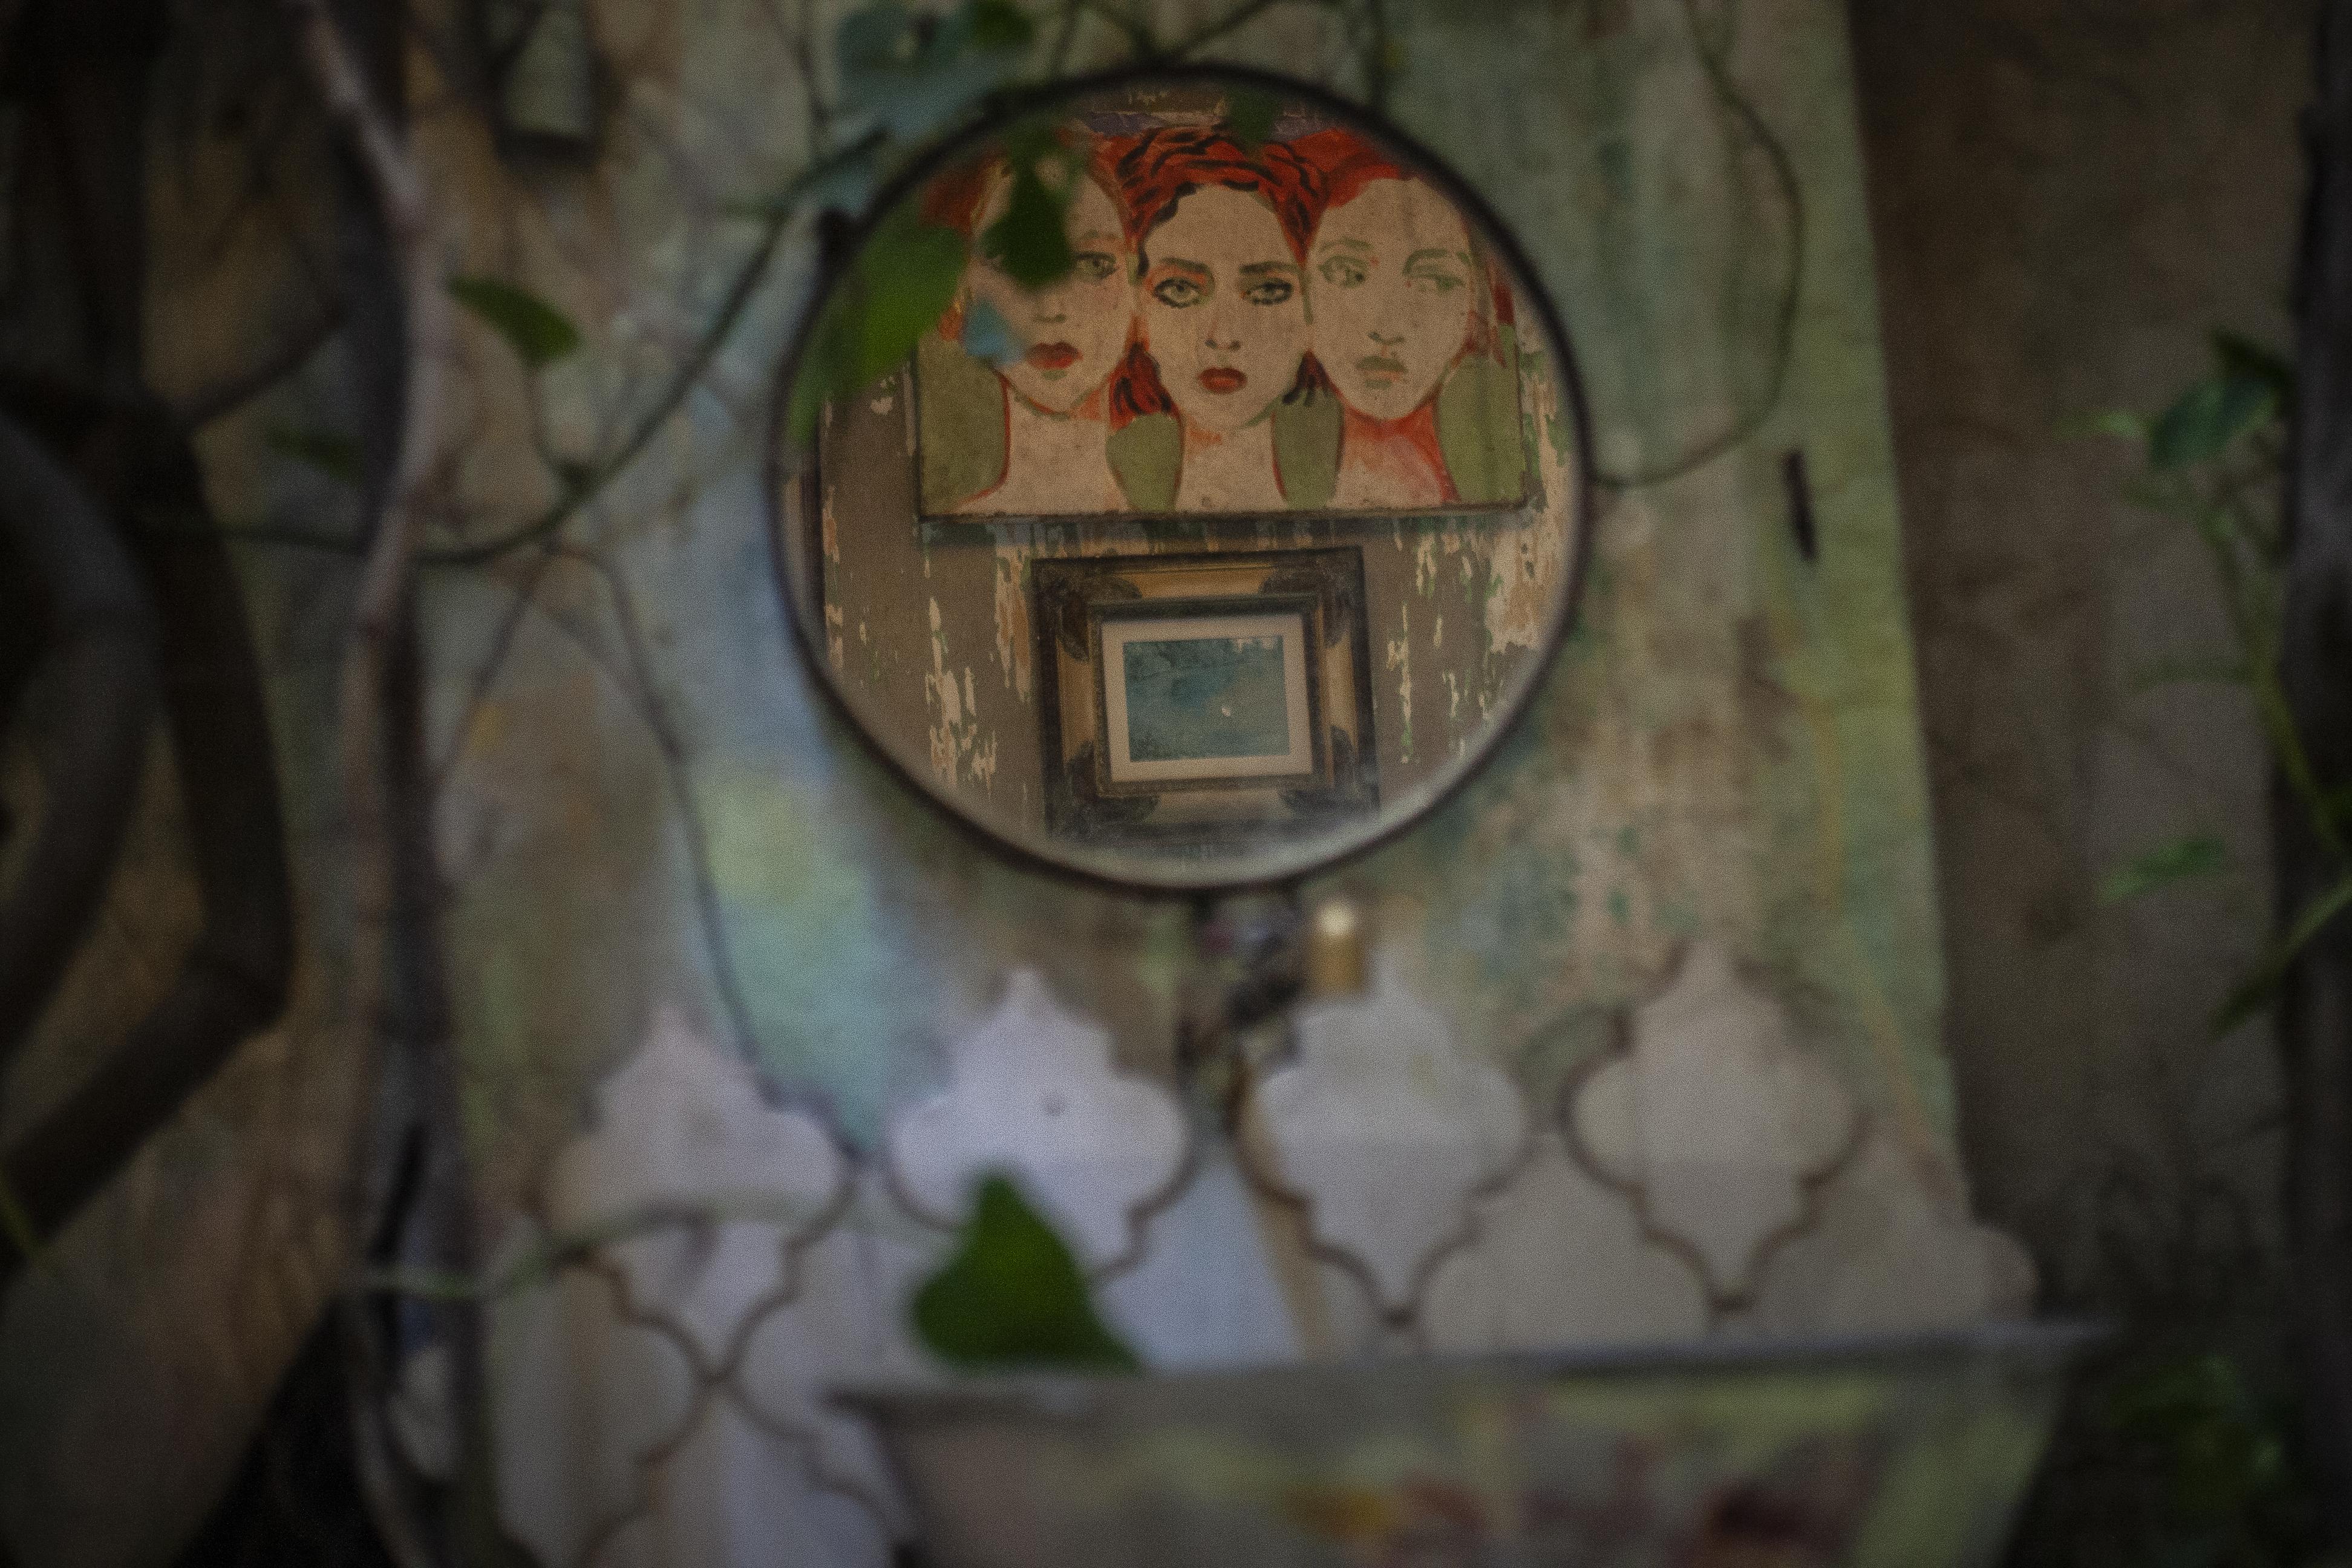 El cuadro colgado en la pared está pintado en la tapa de una nevera vieja.